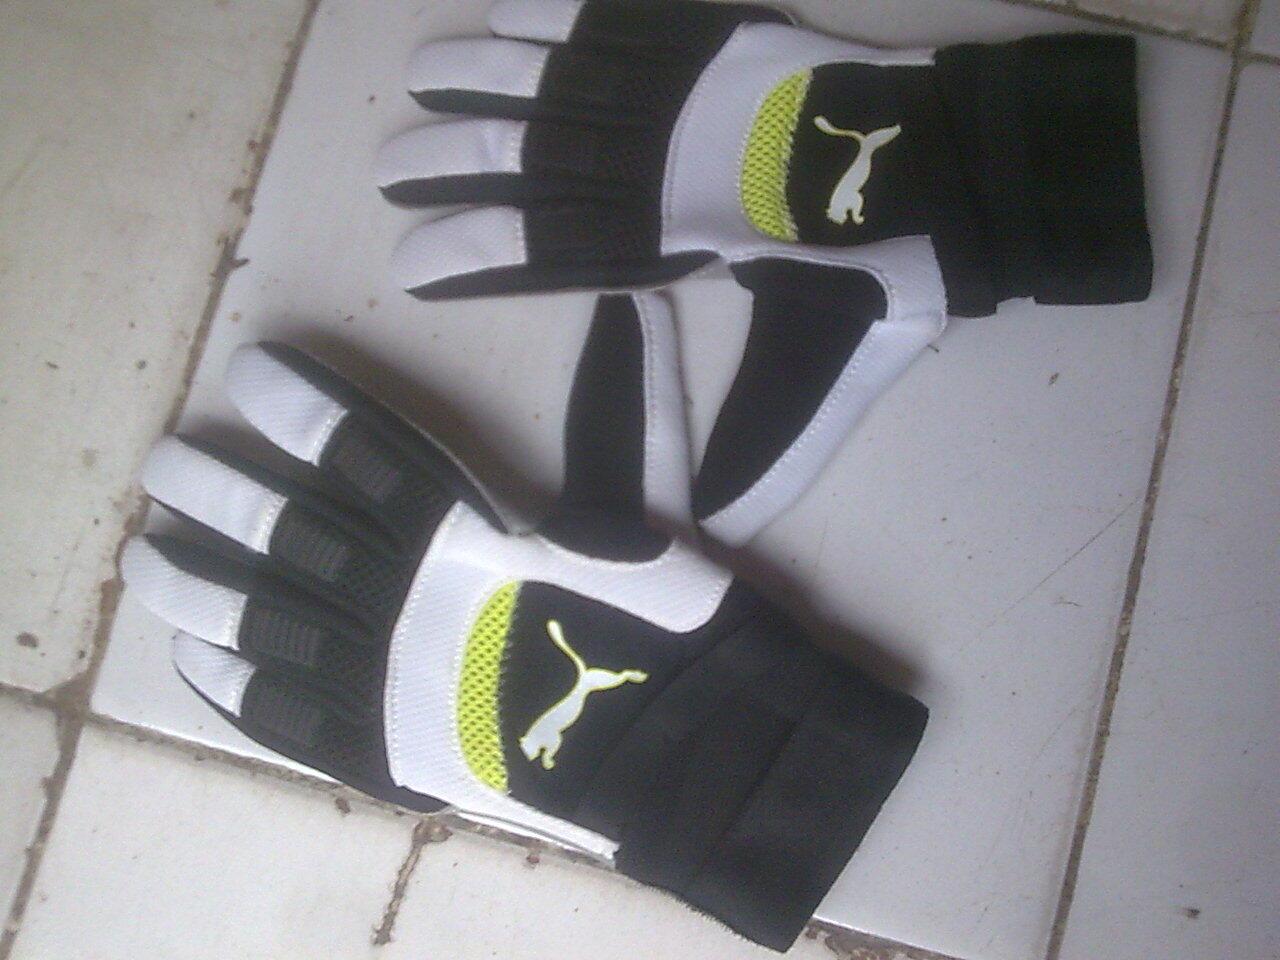 [Sarung Tangan] Puma Powercat 1.10 Futsal Glovsize 10